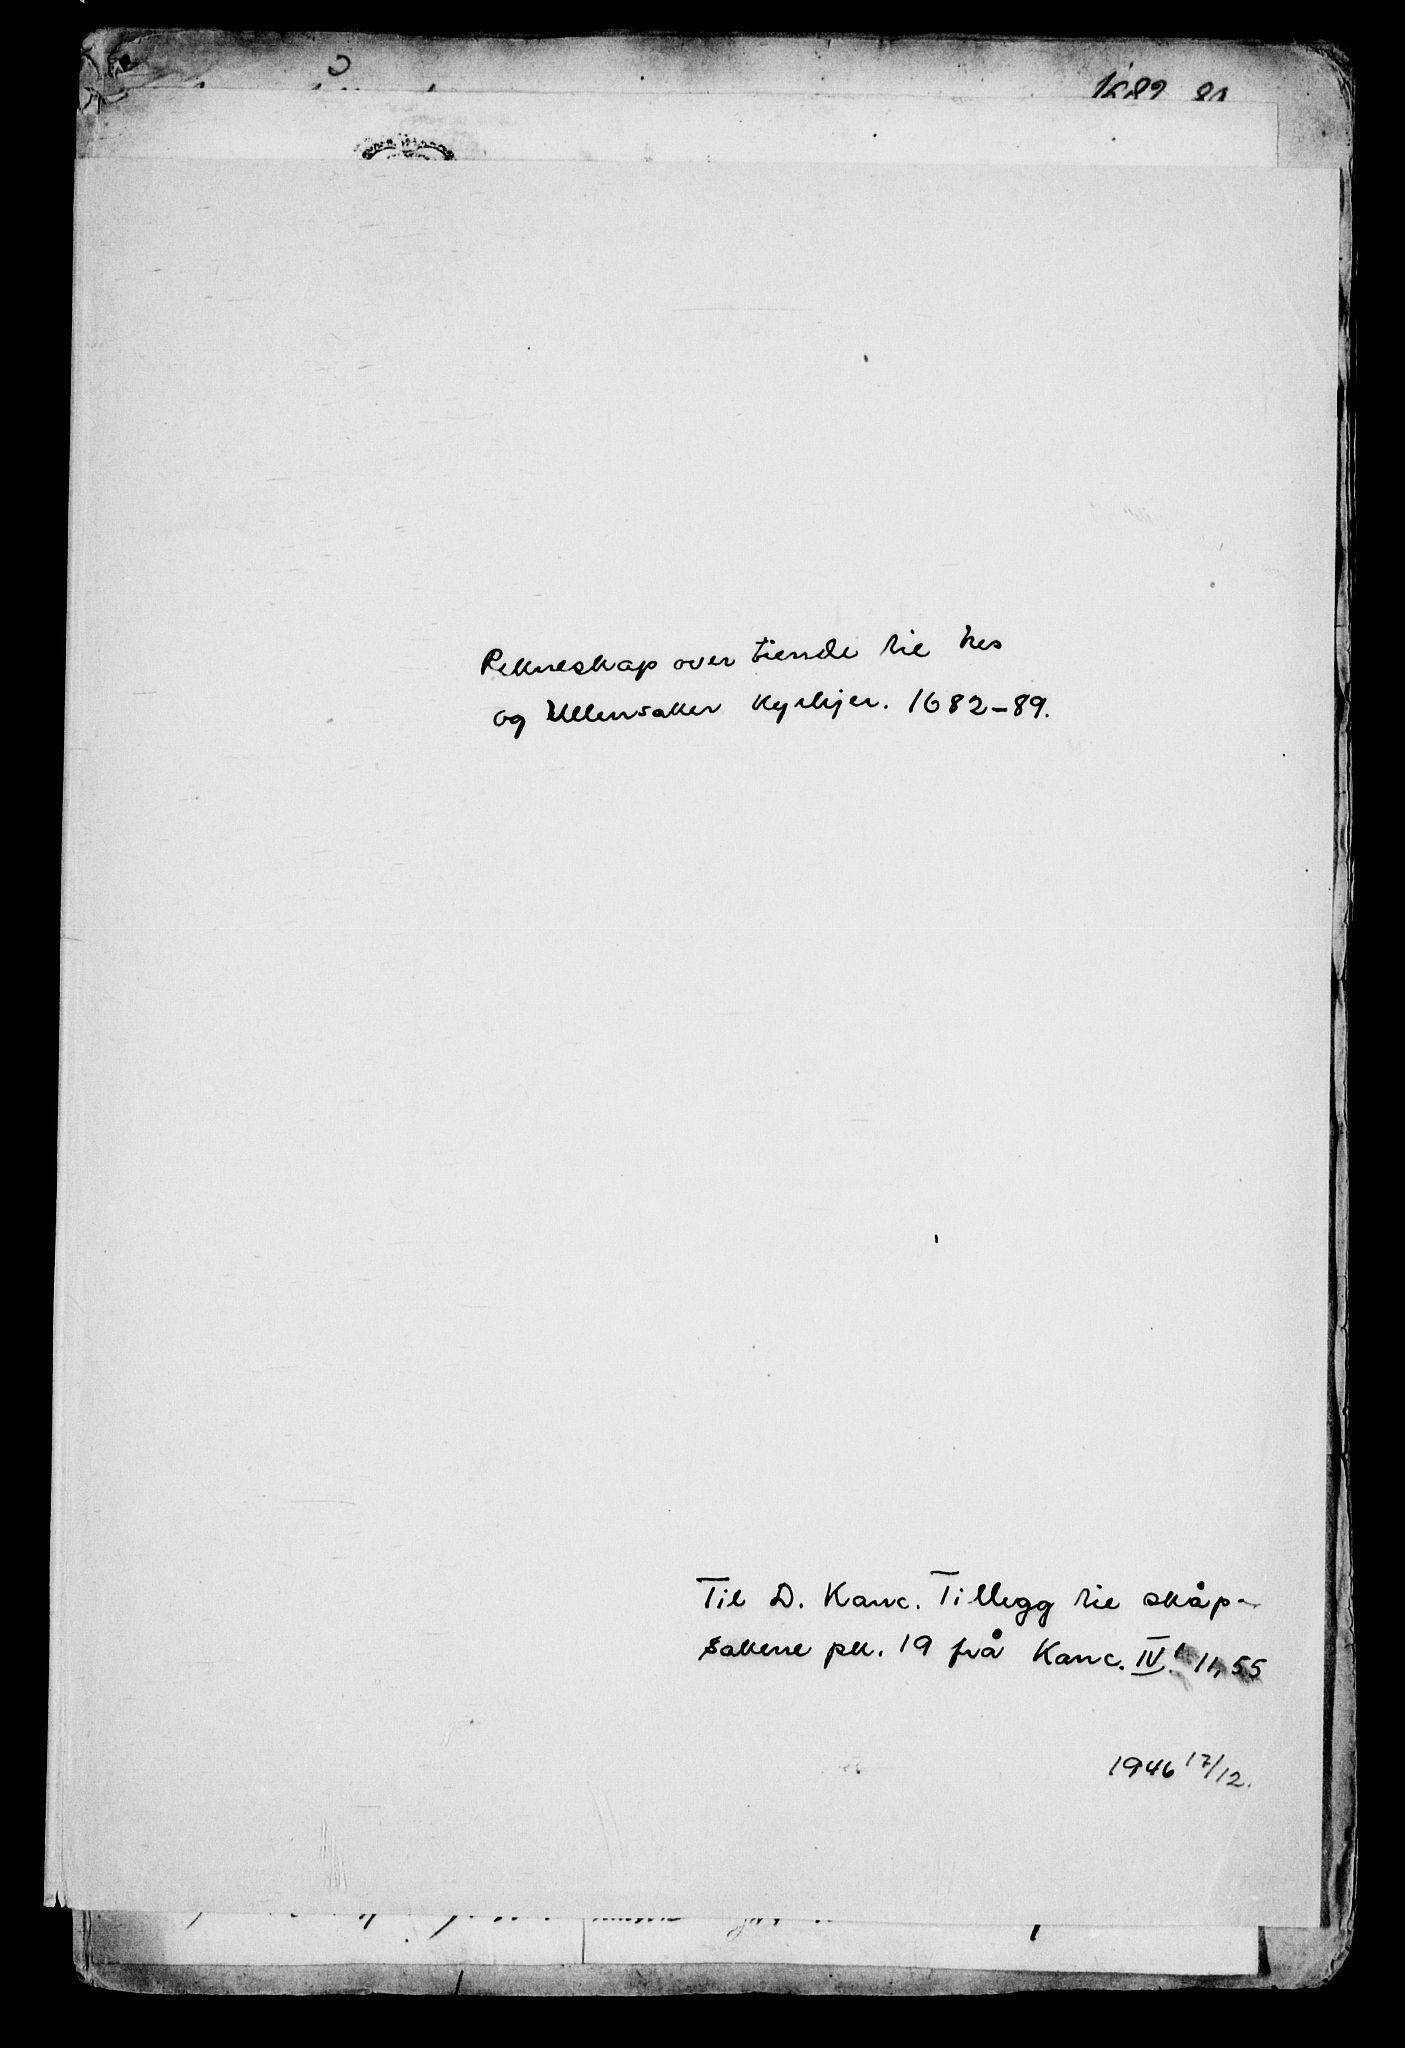 RA, Danske Kanselli, Skapsaker, G/L0019: Tillegg til skapsakene, 1616-1753, p. 242